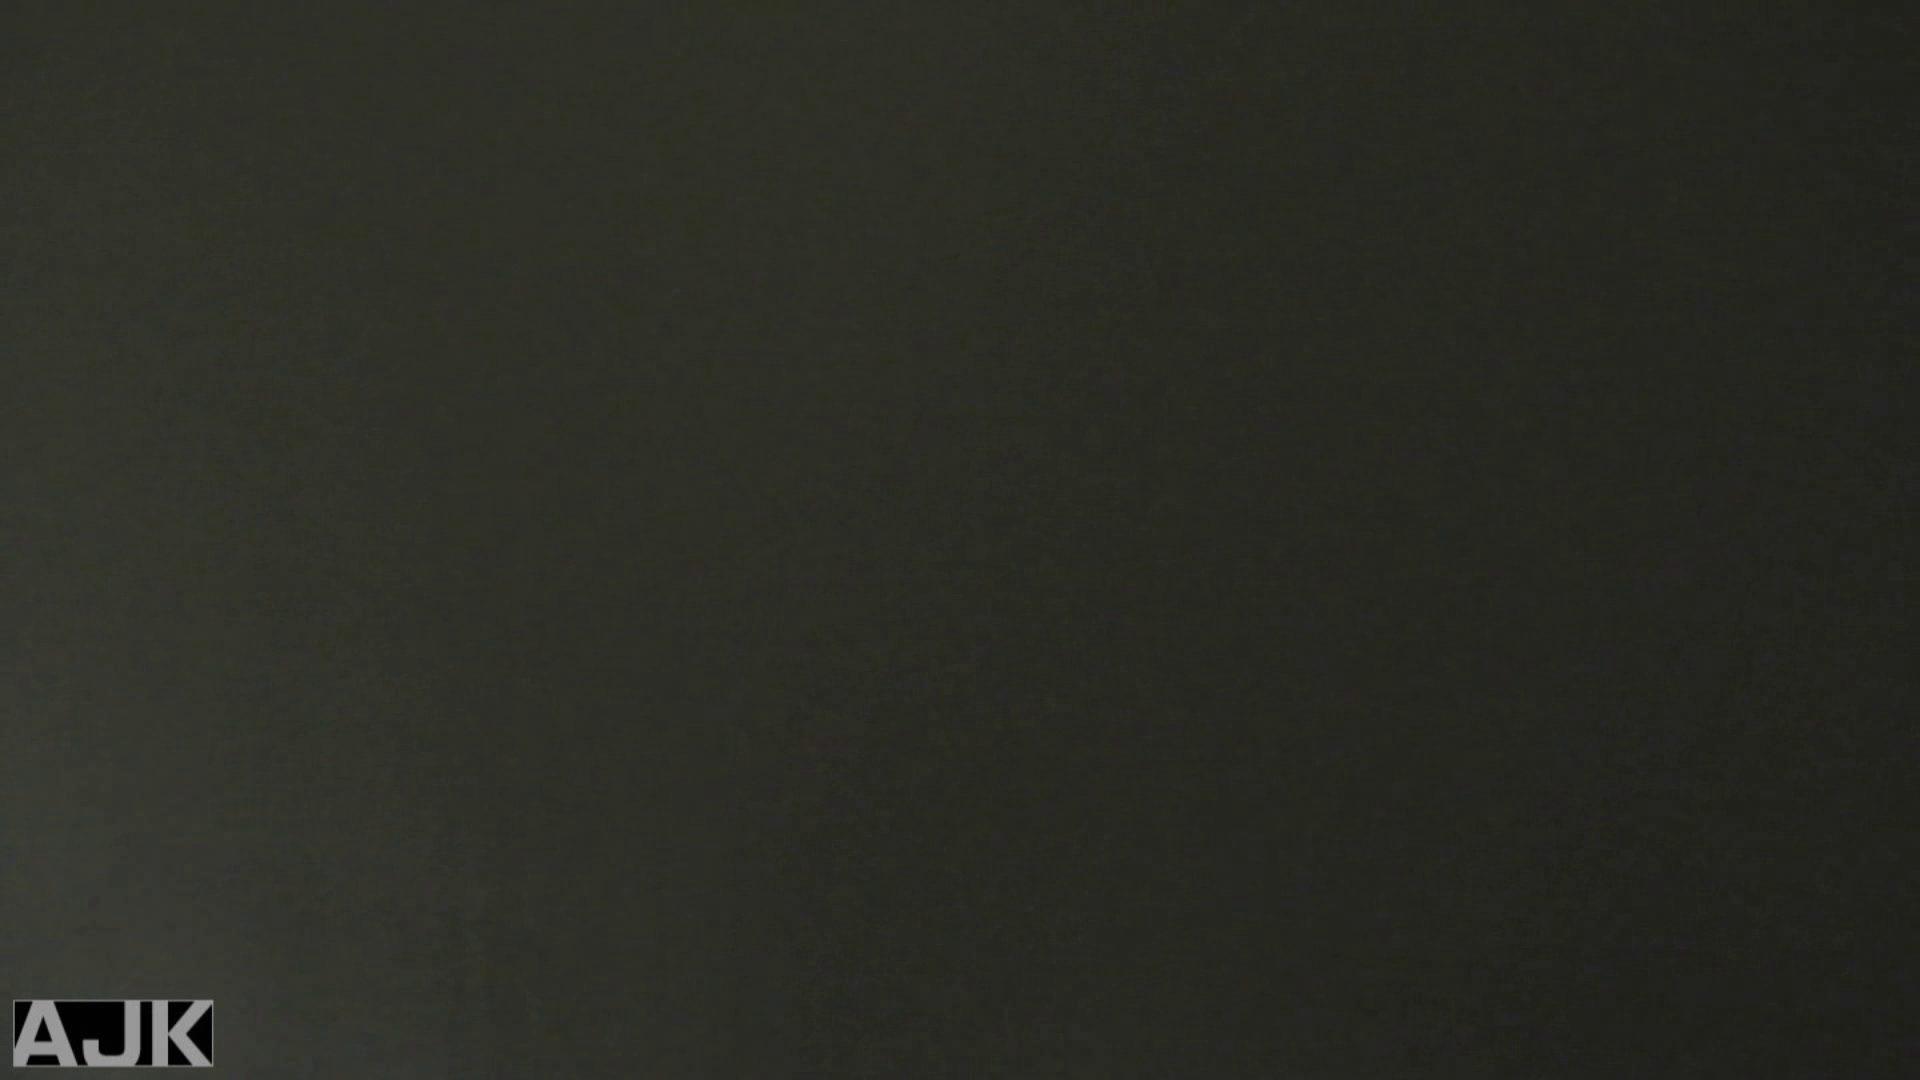 神降臨!史上最強の潜入かわや! vol.09 潜入 おまんこ動画流出 94PIX 26